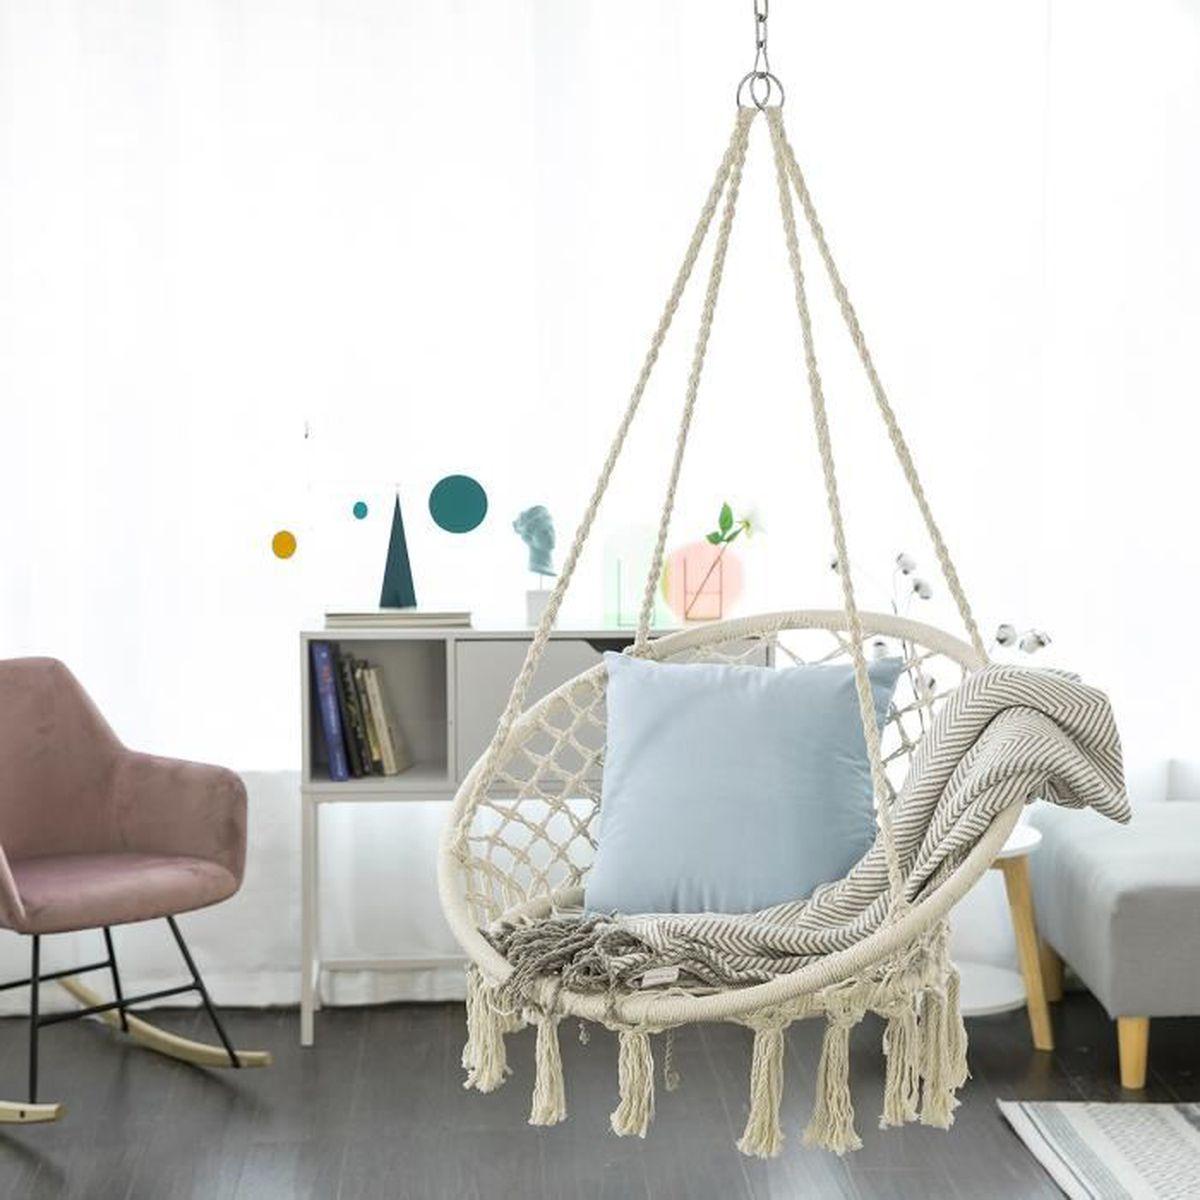 Fauteuil Suspendu D Exterieur sobuy® ogs42-mi chaise suspendue à franges en corde de coton, hamac  suspendu macramé, fauteuil balançoire intérieur extérieur